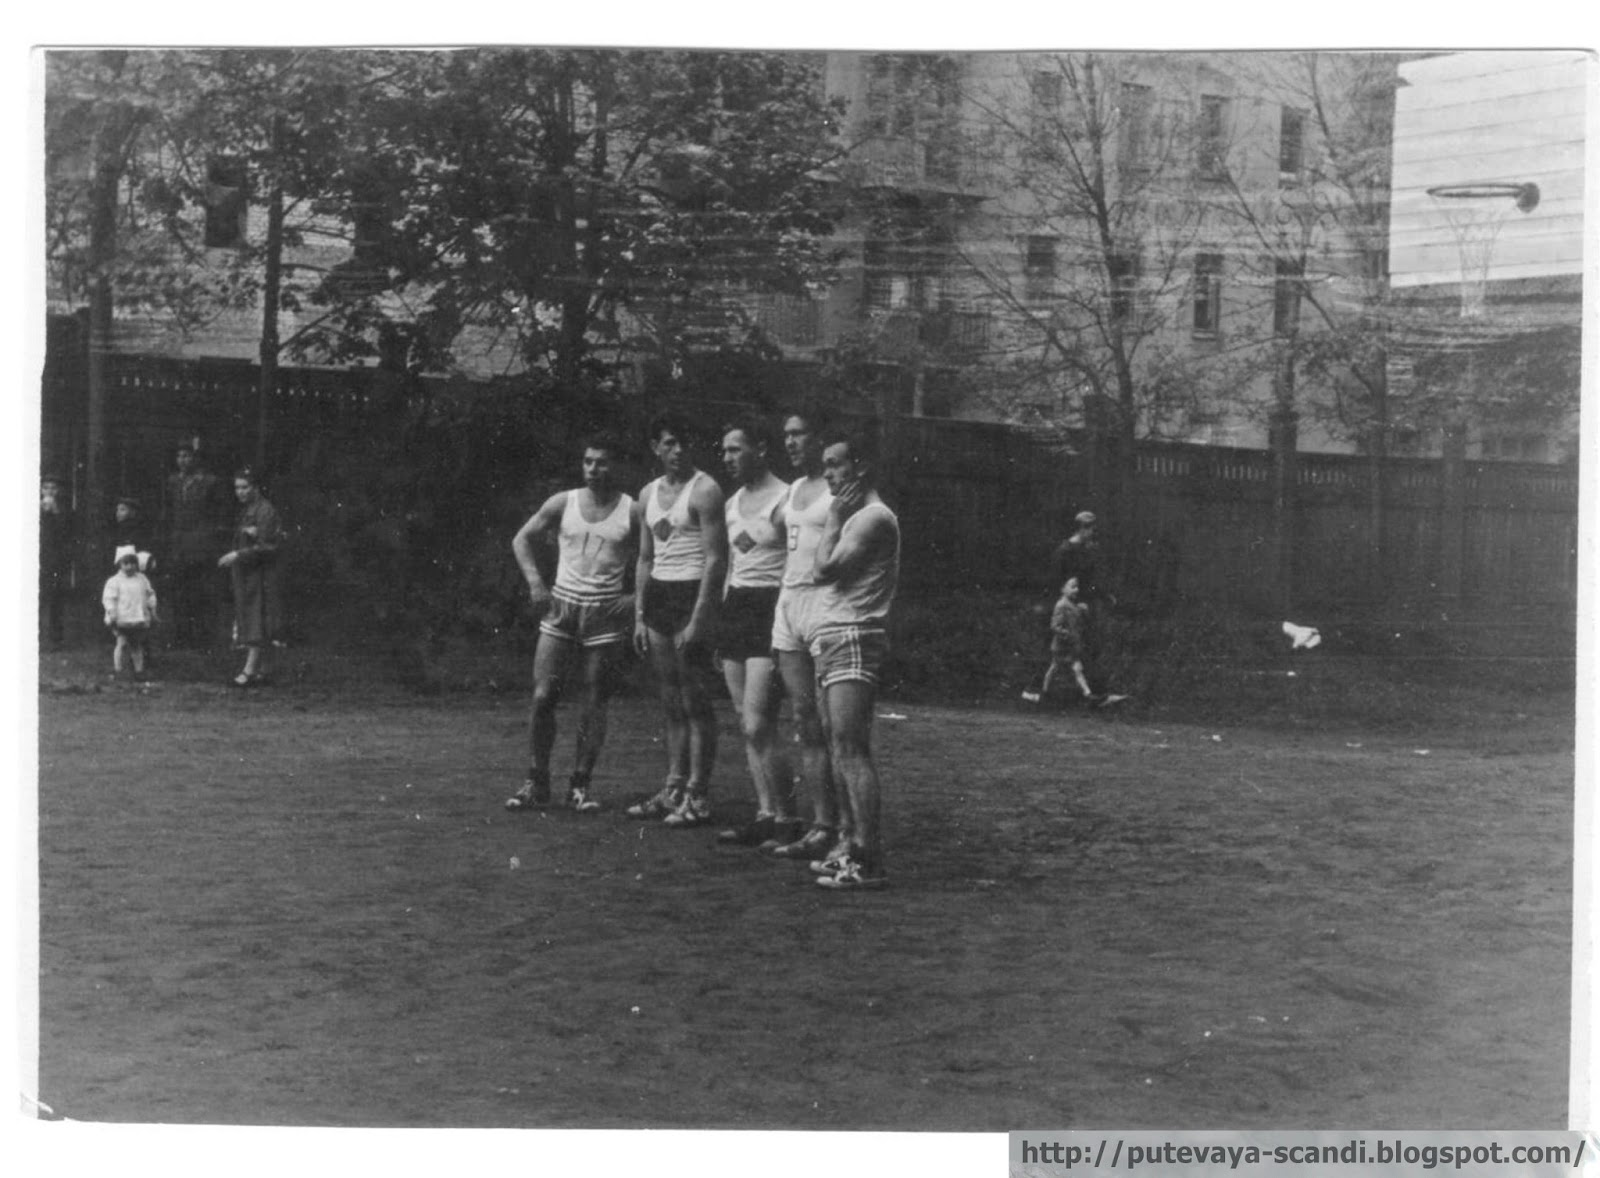 стартовая пятерка, папа - крайний слева (1959 г.)